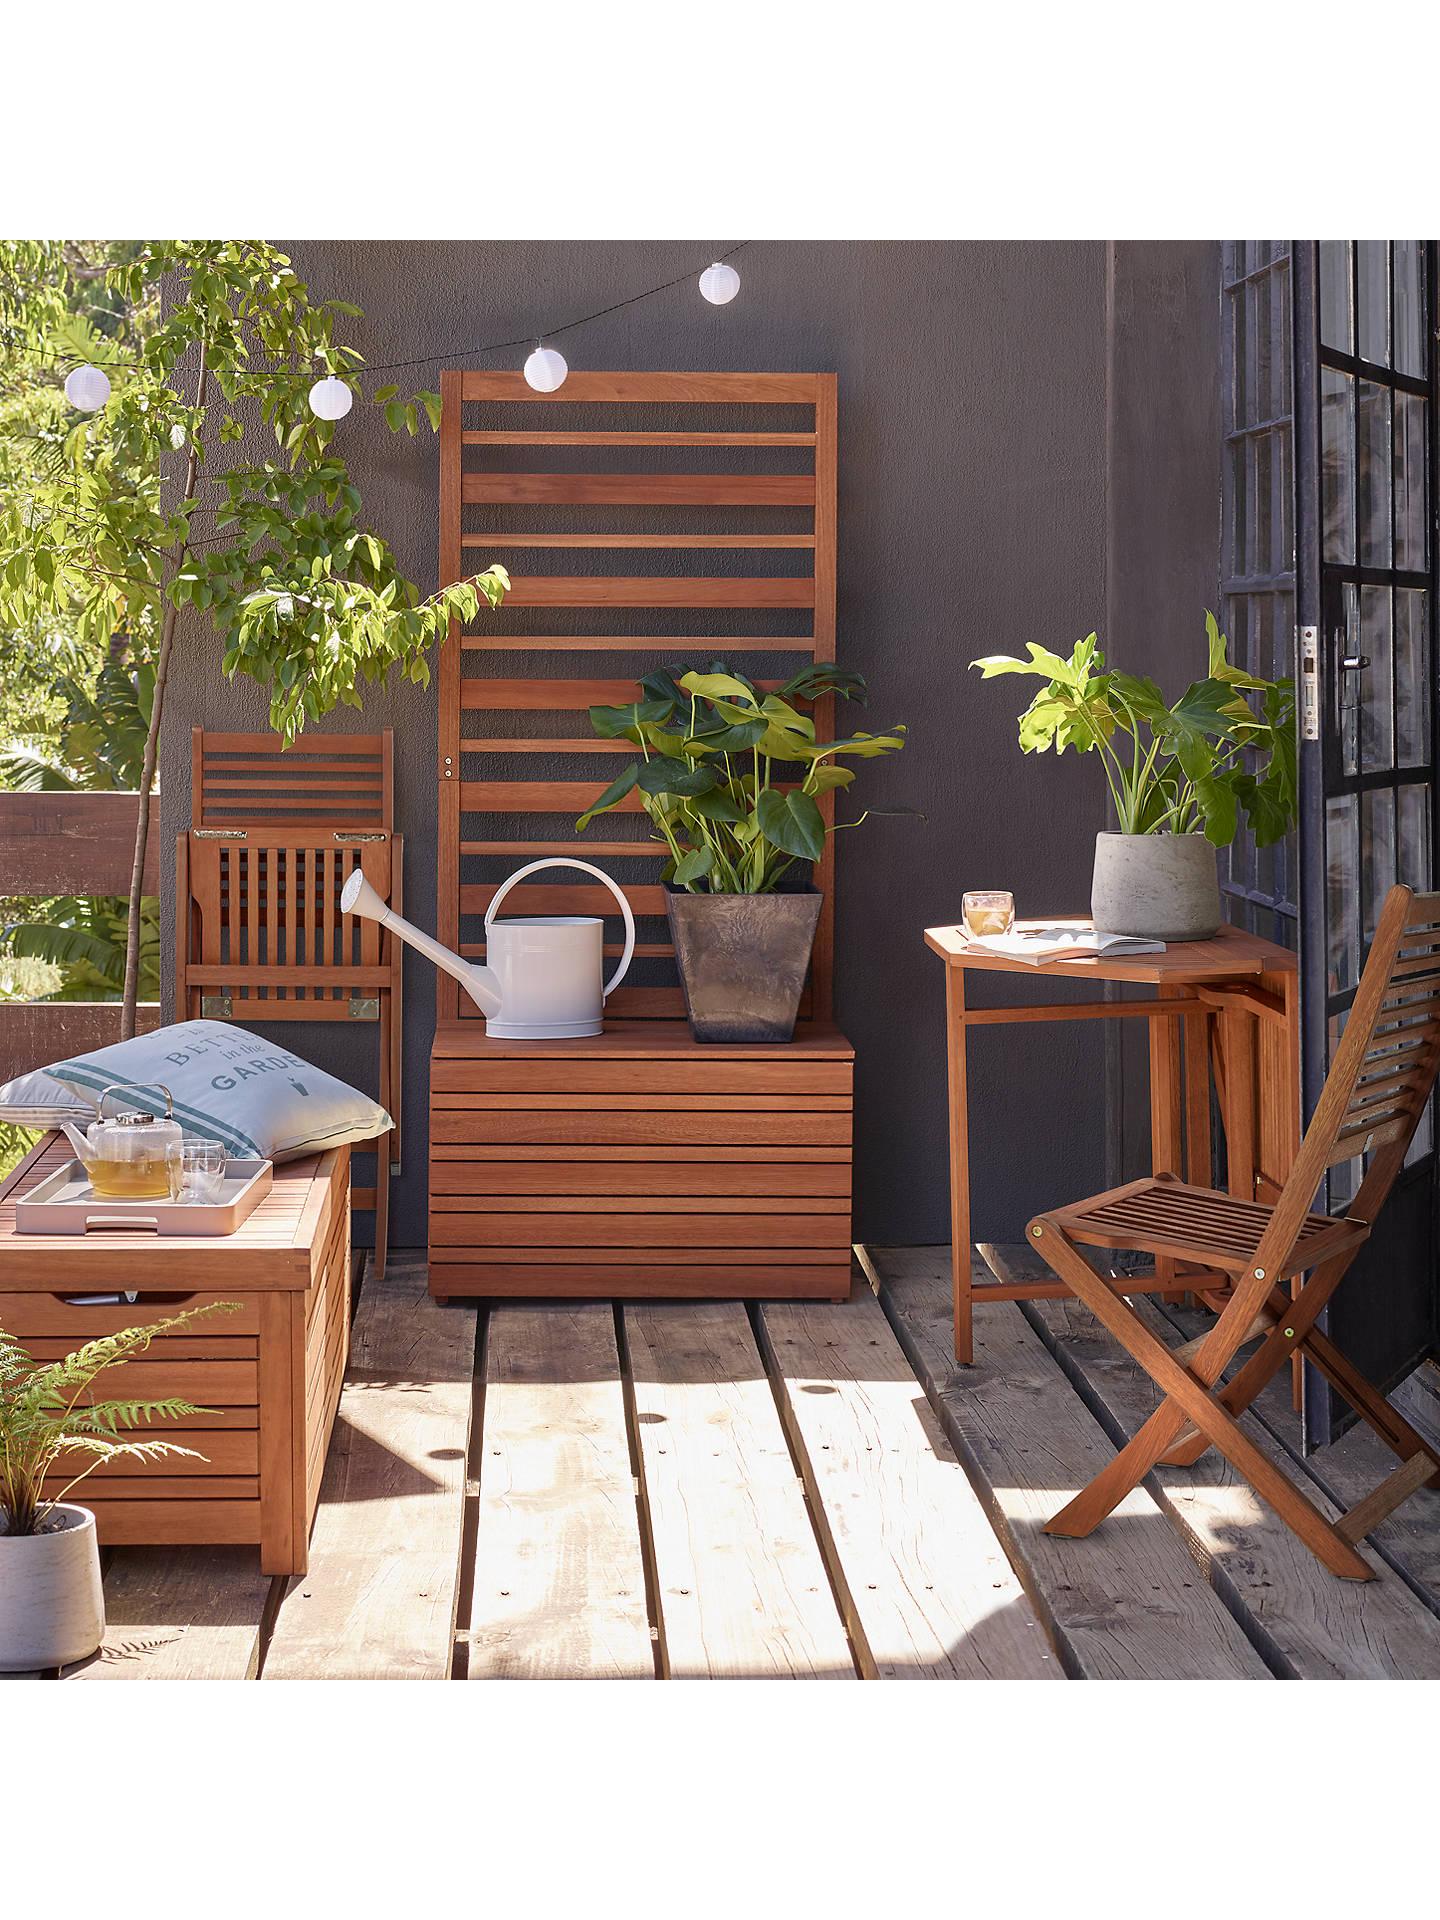 Outstanding John Lewis Partners Venice Storage Box And Bench Fsc Certified Eucalyptus Wood Natural Inzonedesignstudio Interior Chair Design Inzonedesignstudiocom